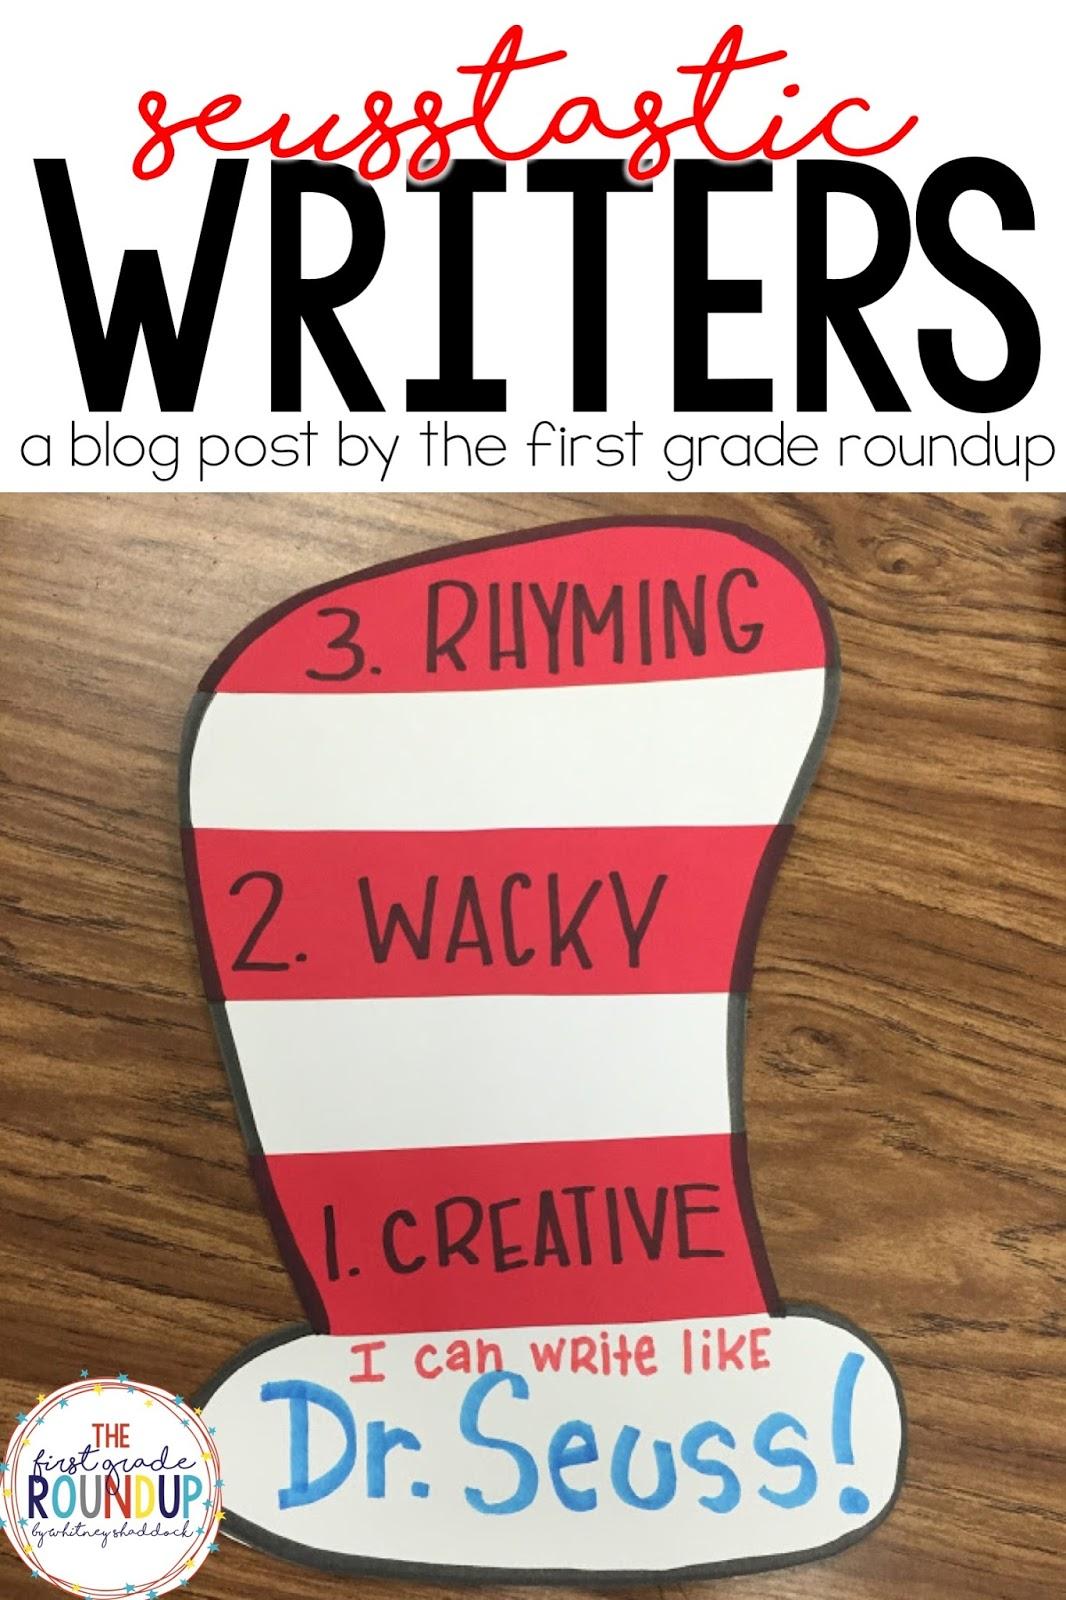 Write Like Dr Seuss